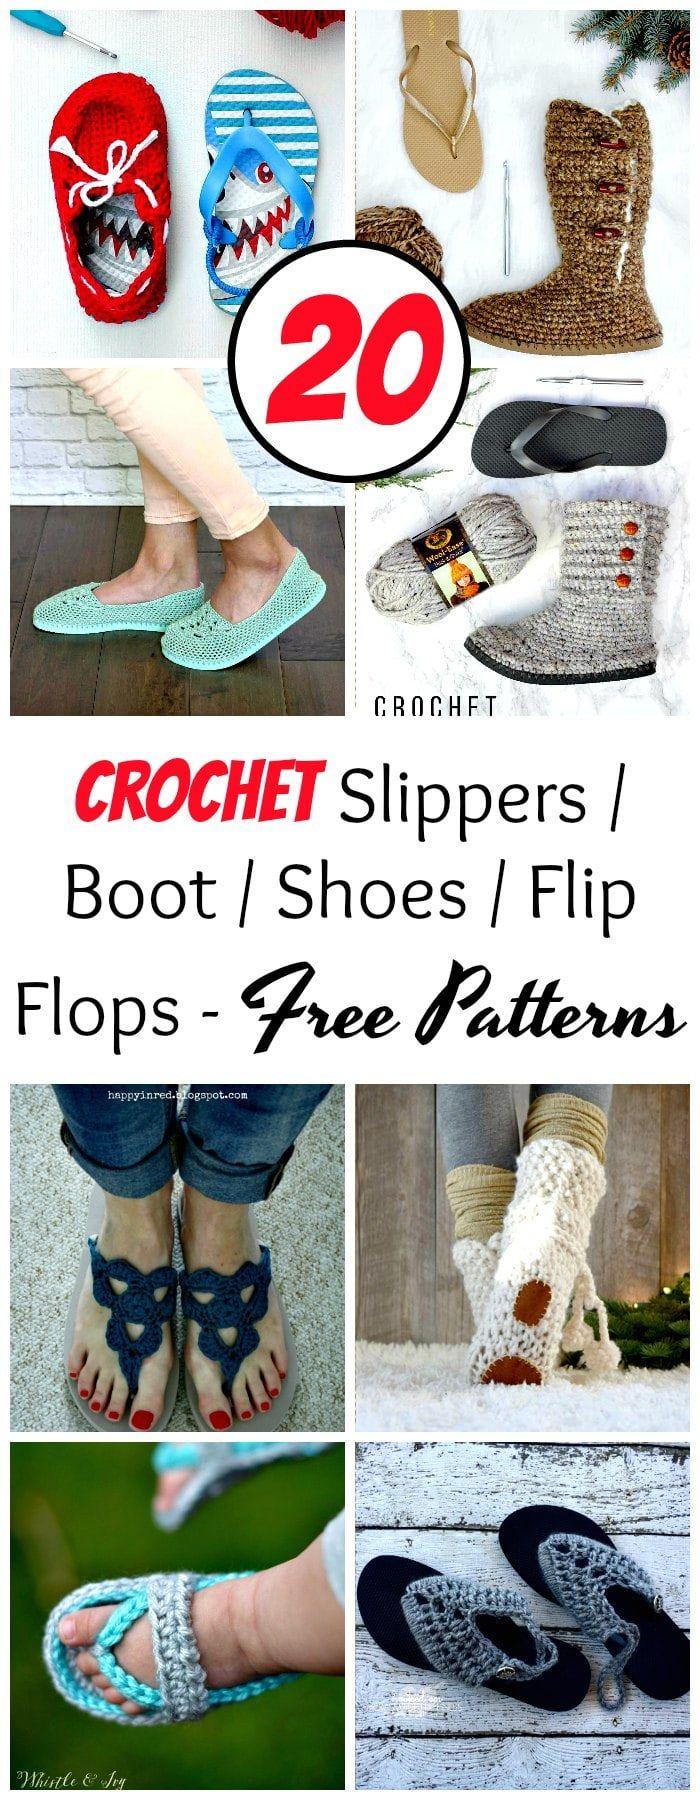 Mejores 77 imágenes de crochet en Pinterest | Zapatos, Artesanías y ...